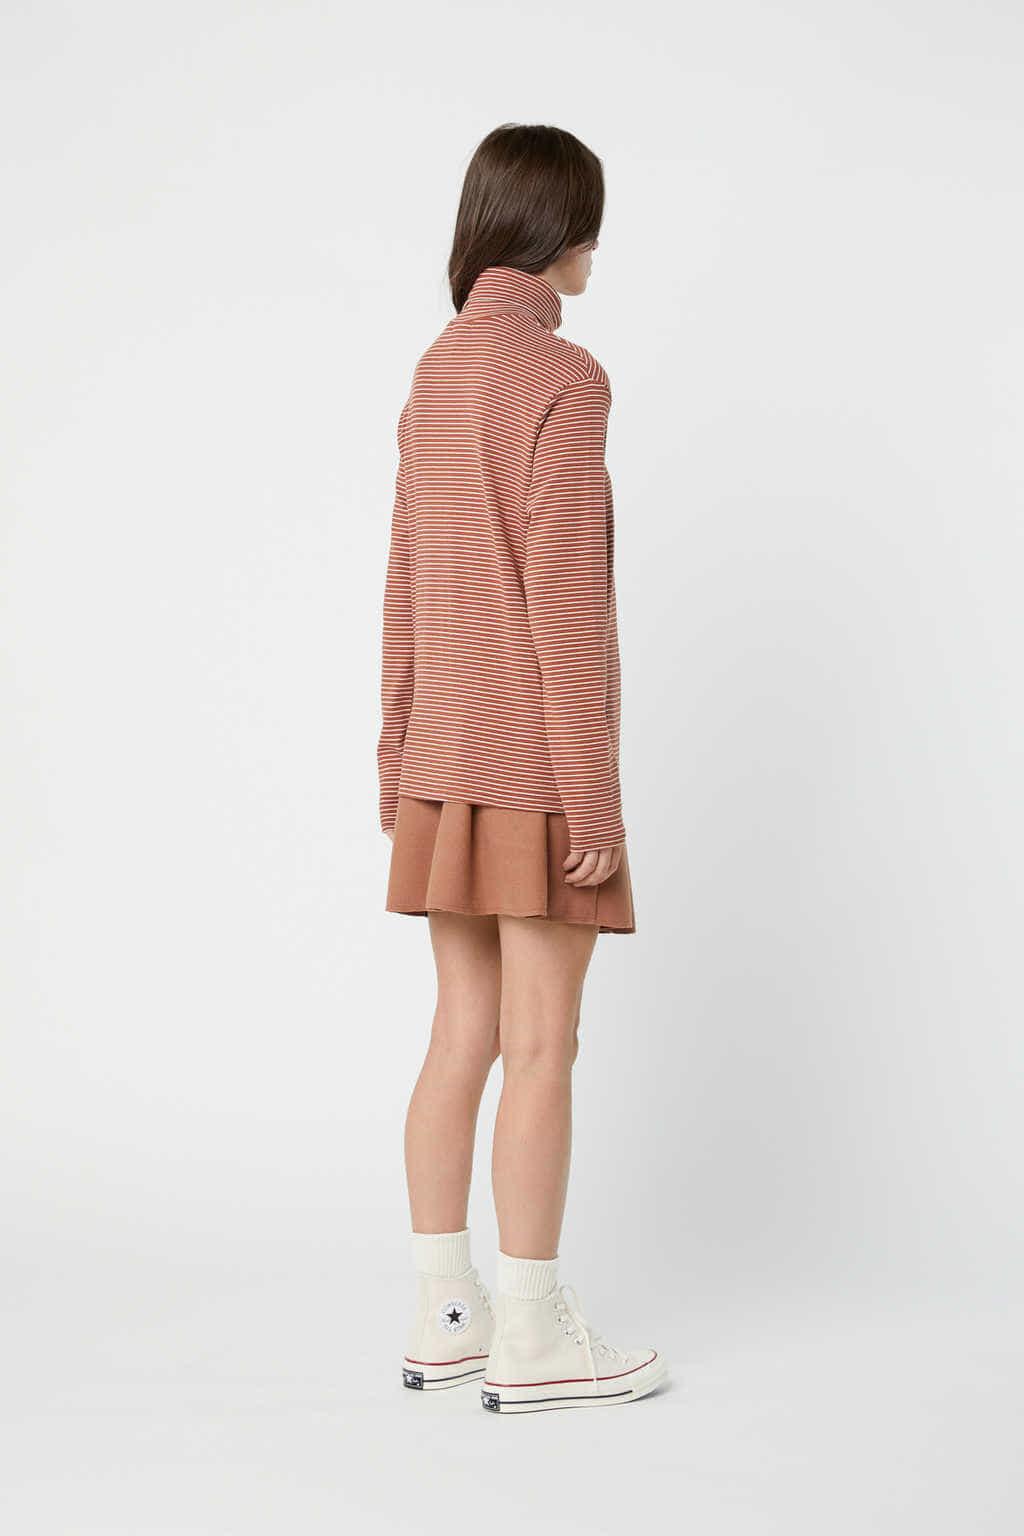 TShirt J011 Brown 4